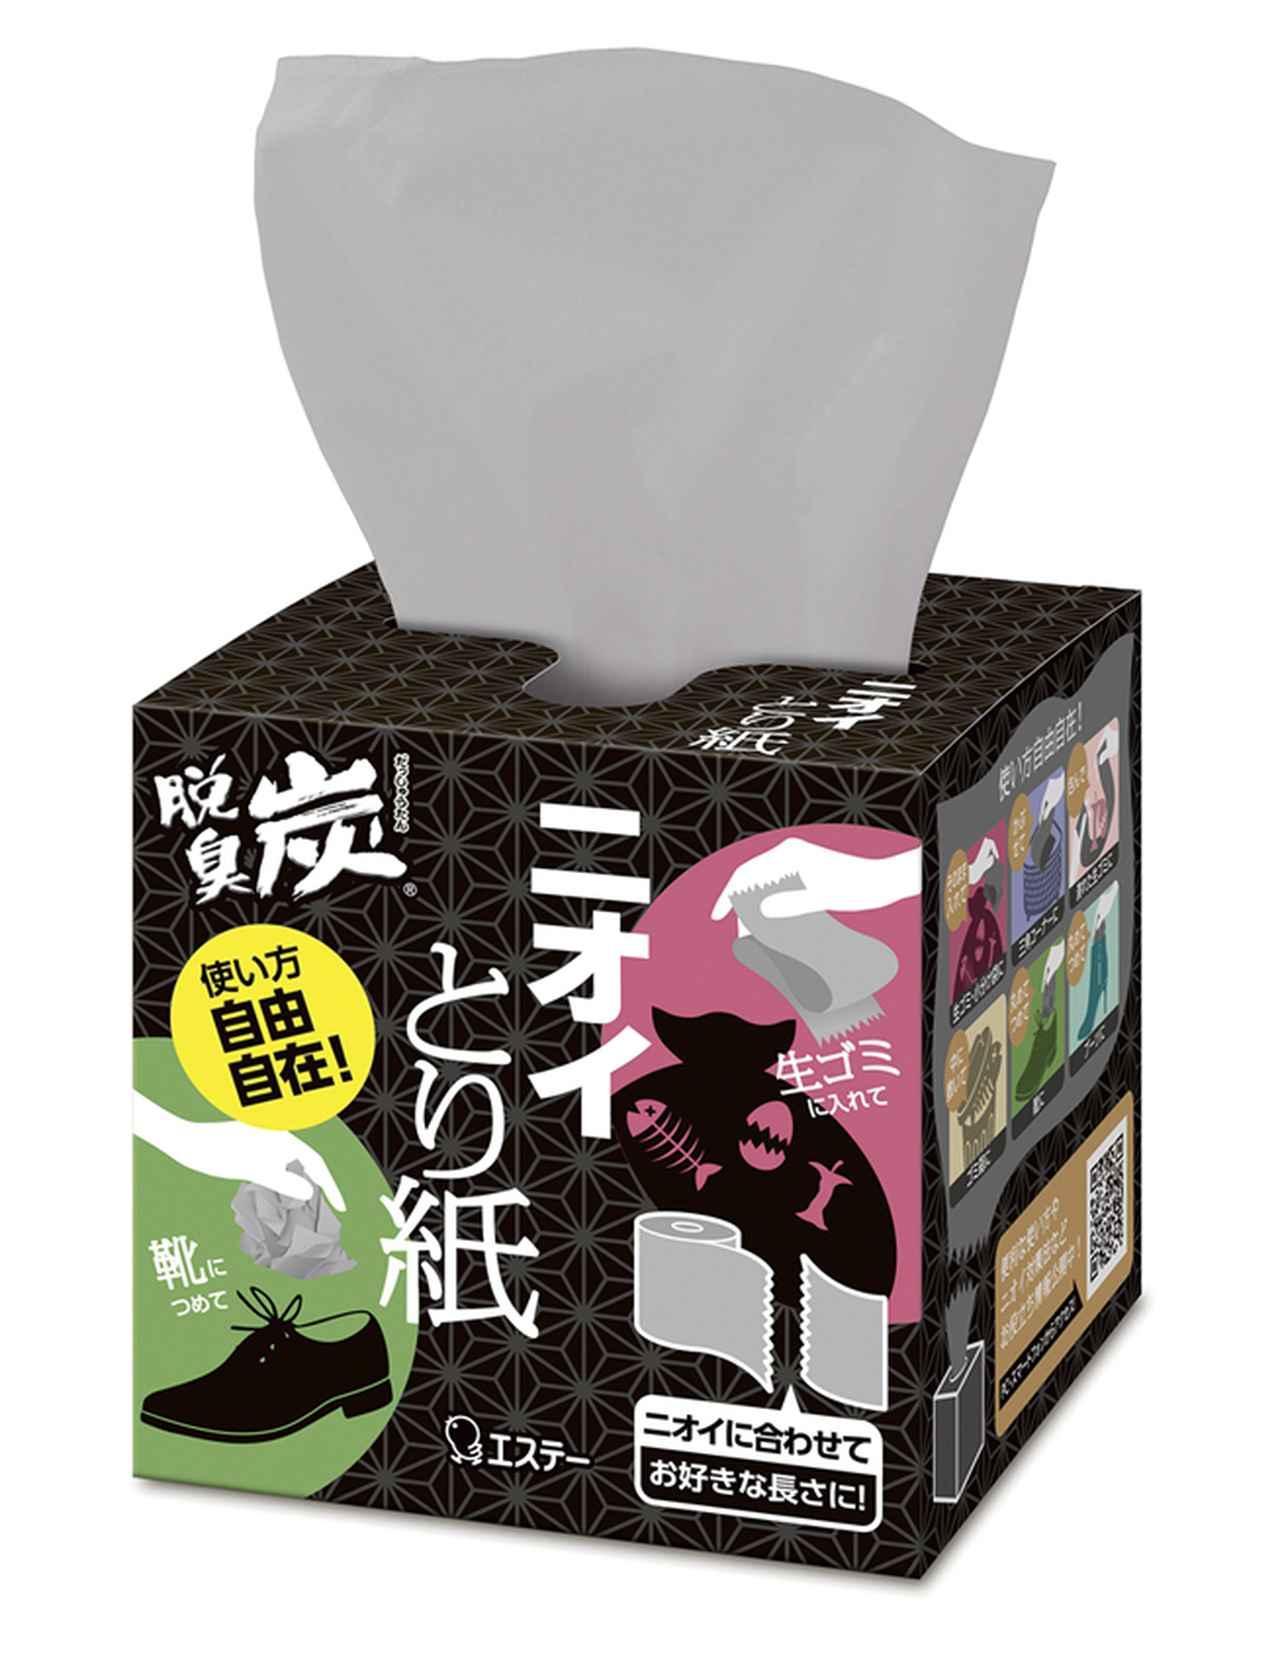 画像: エステー 脱臭炭 ニオイとり紙 712円